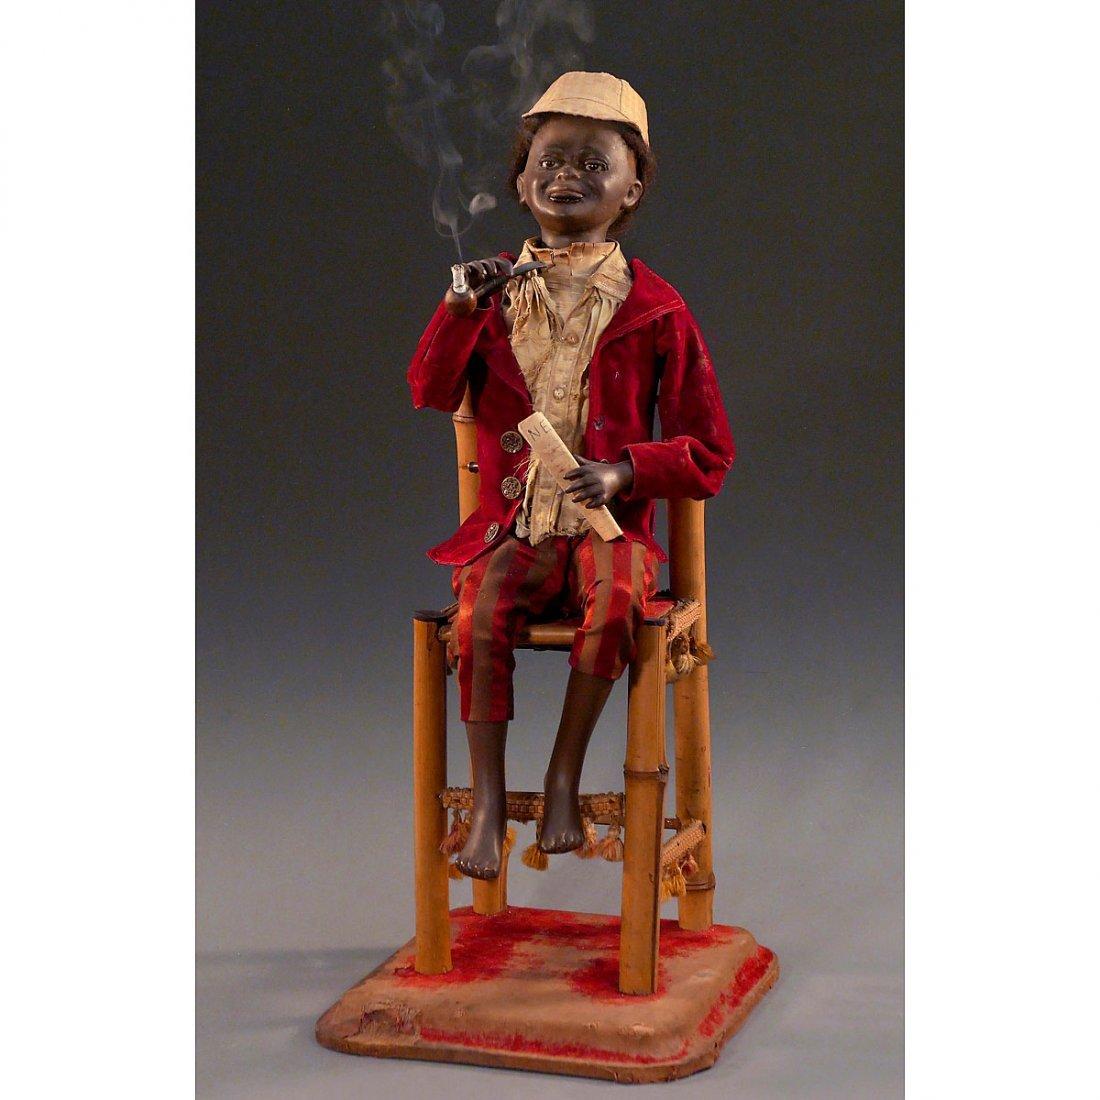 Nègre Fumeur Automaton by Roullet et Decamps, c. 1910